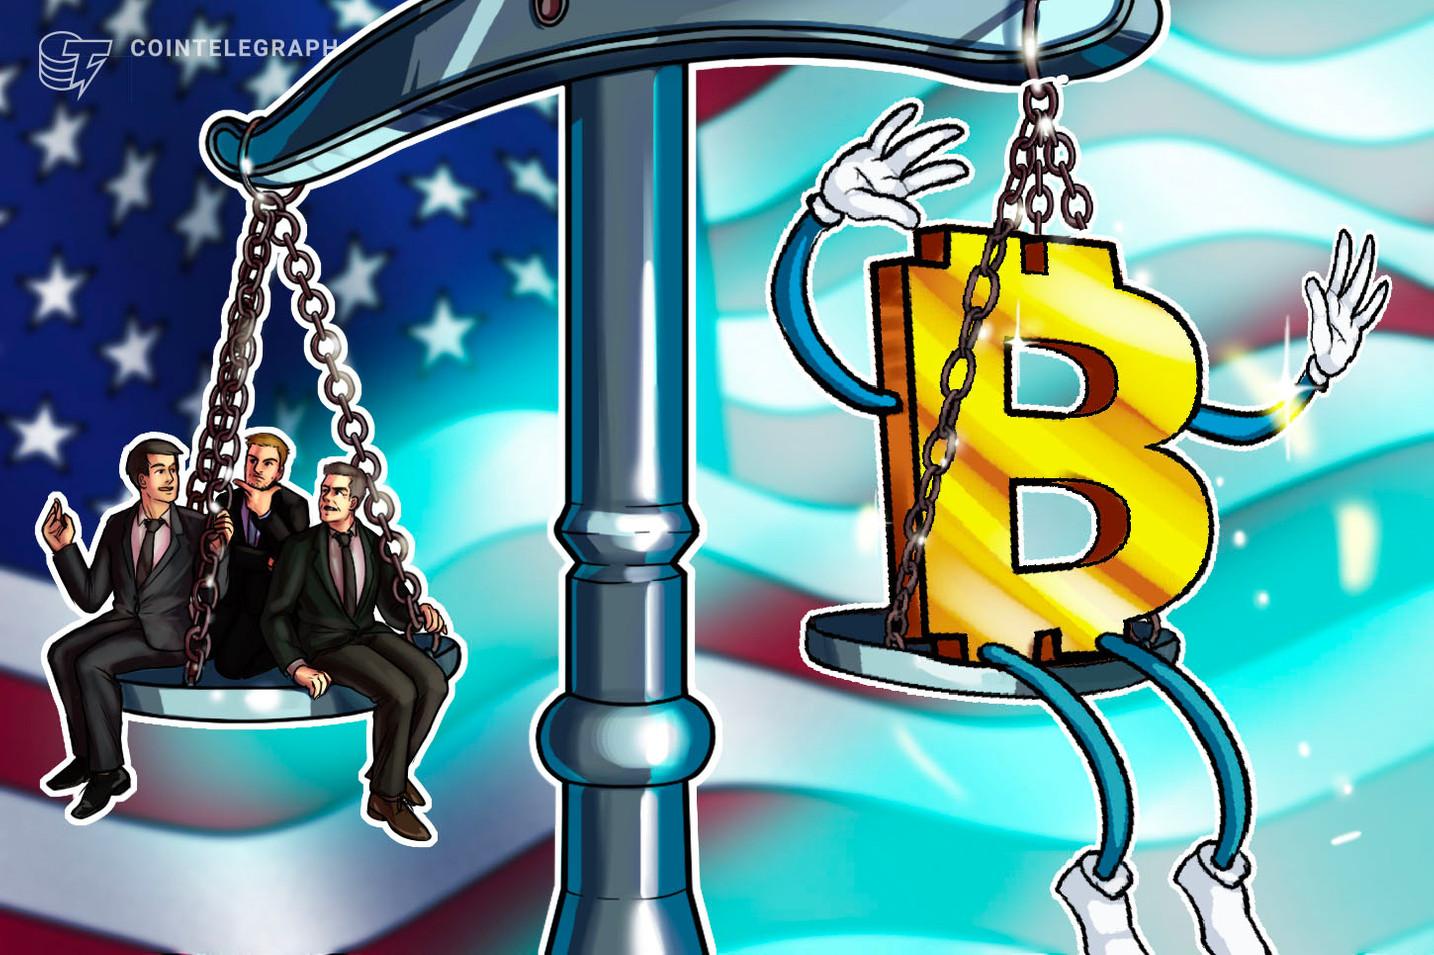 Binance Research descobre que Bitcoin está correlacionado com ações - mas não por muito tempo